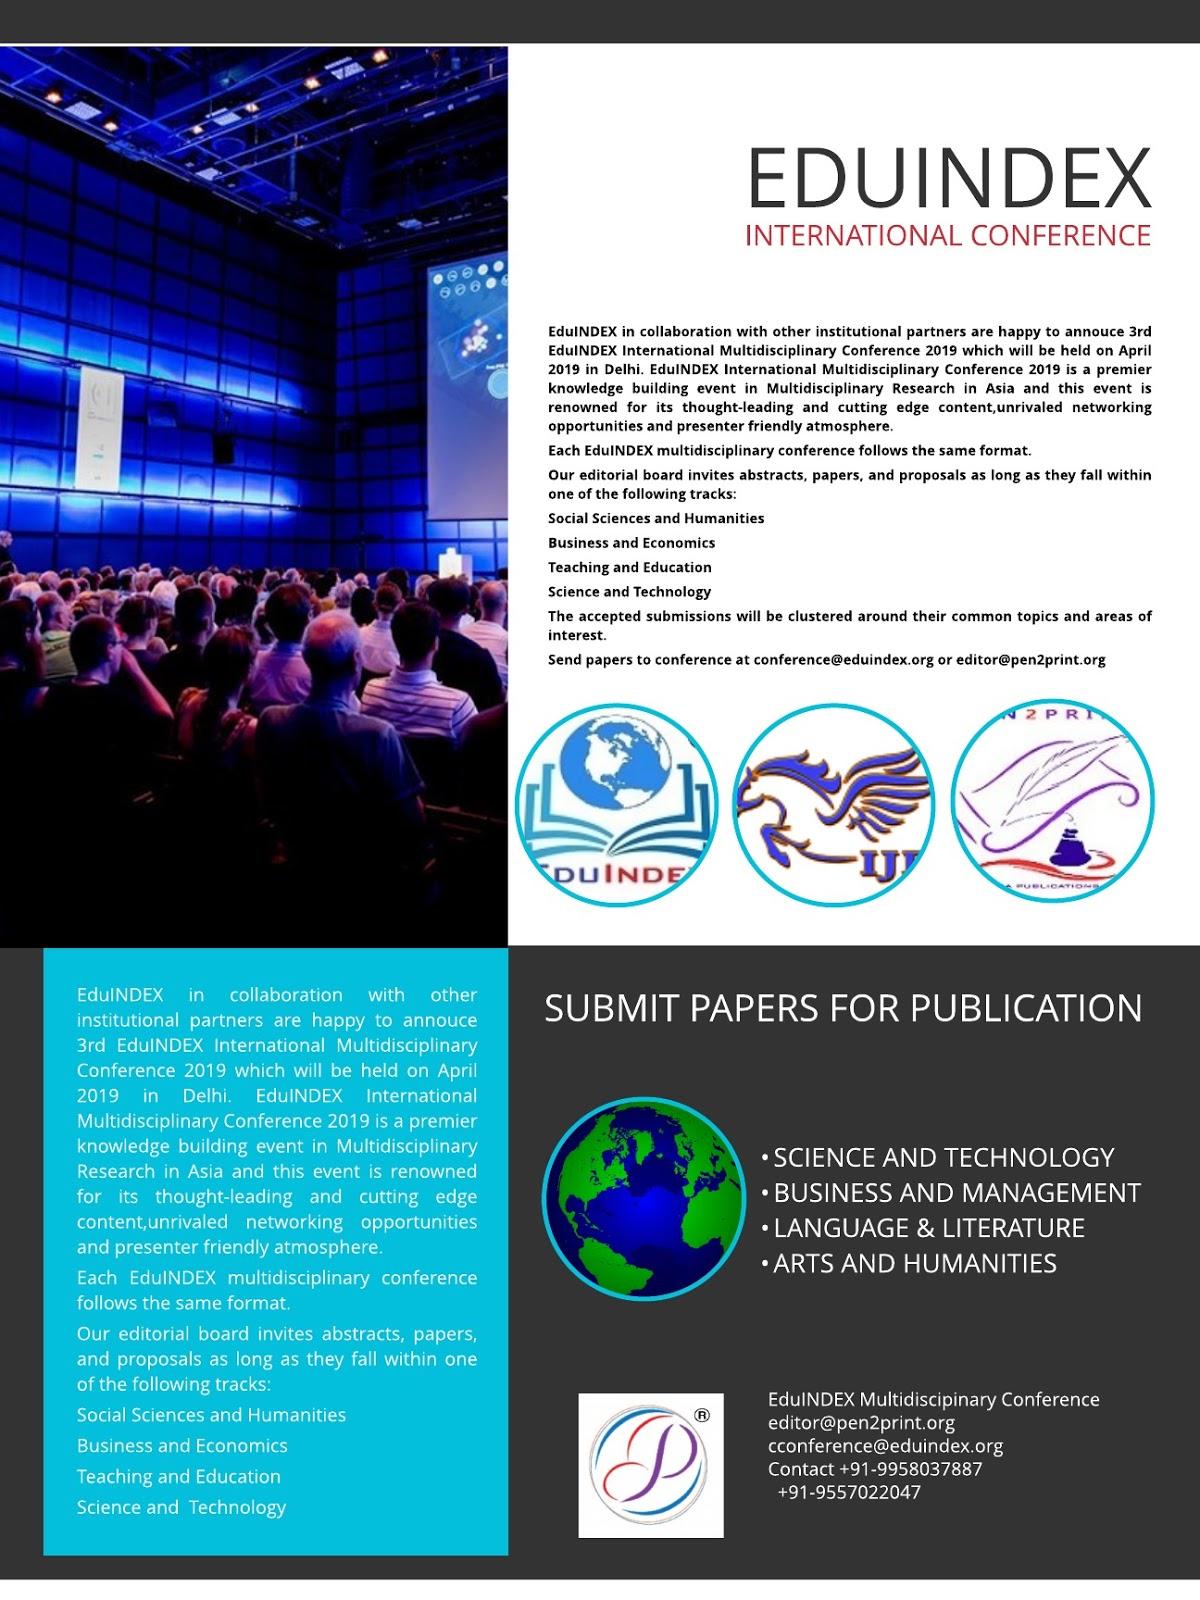 EduINDEX International Multidisciplinary Conference 2019